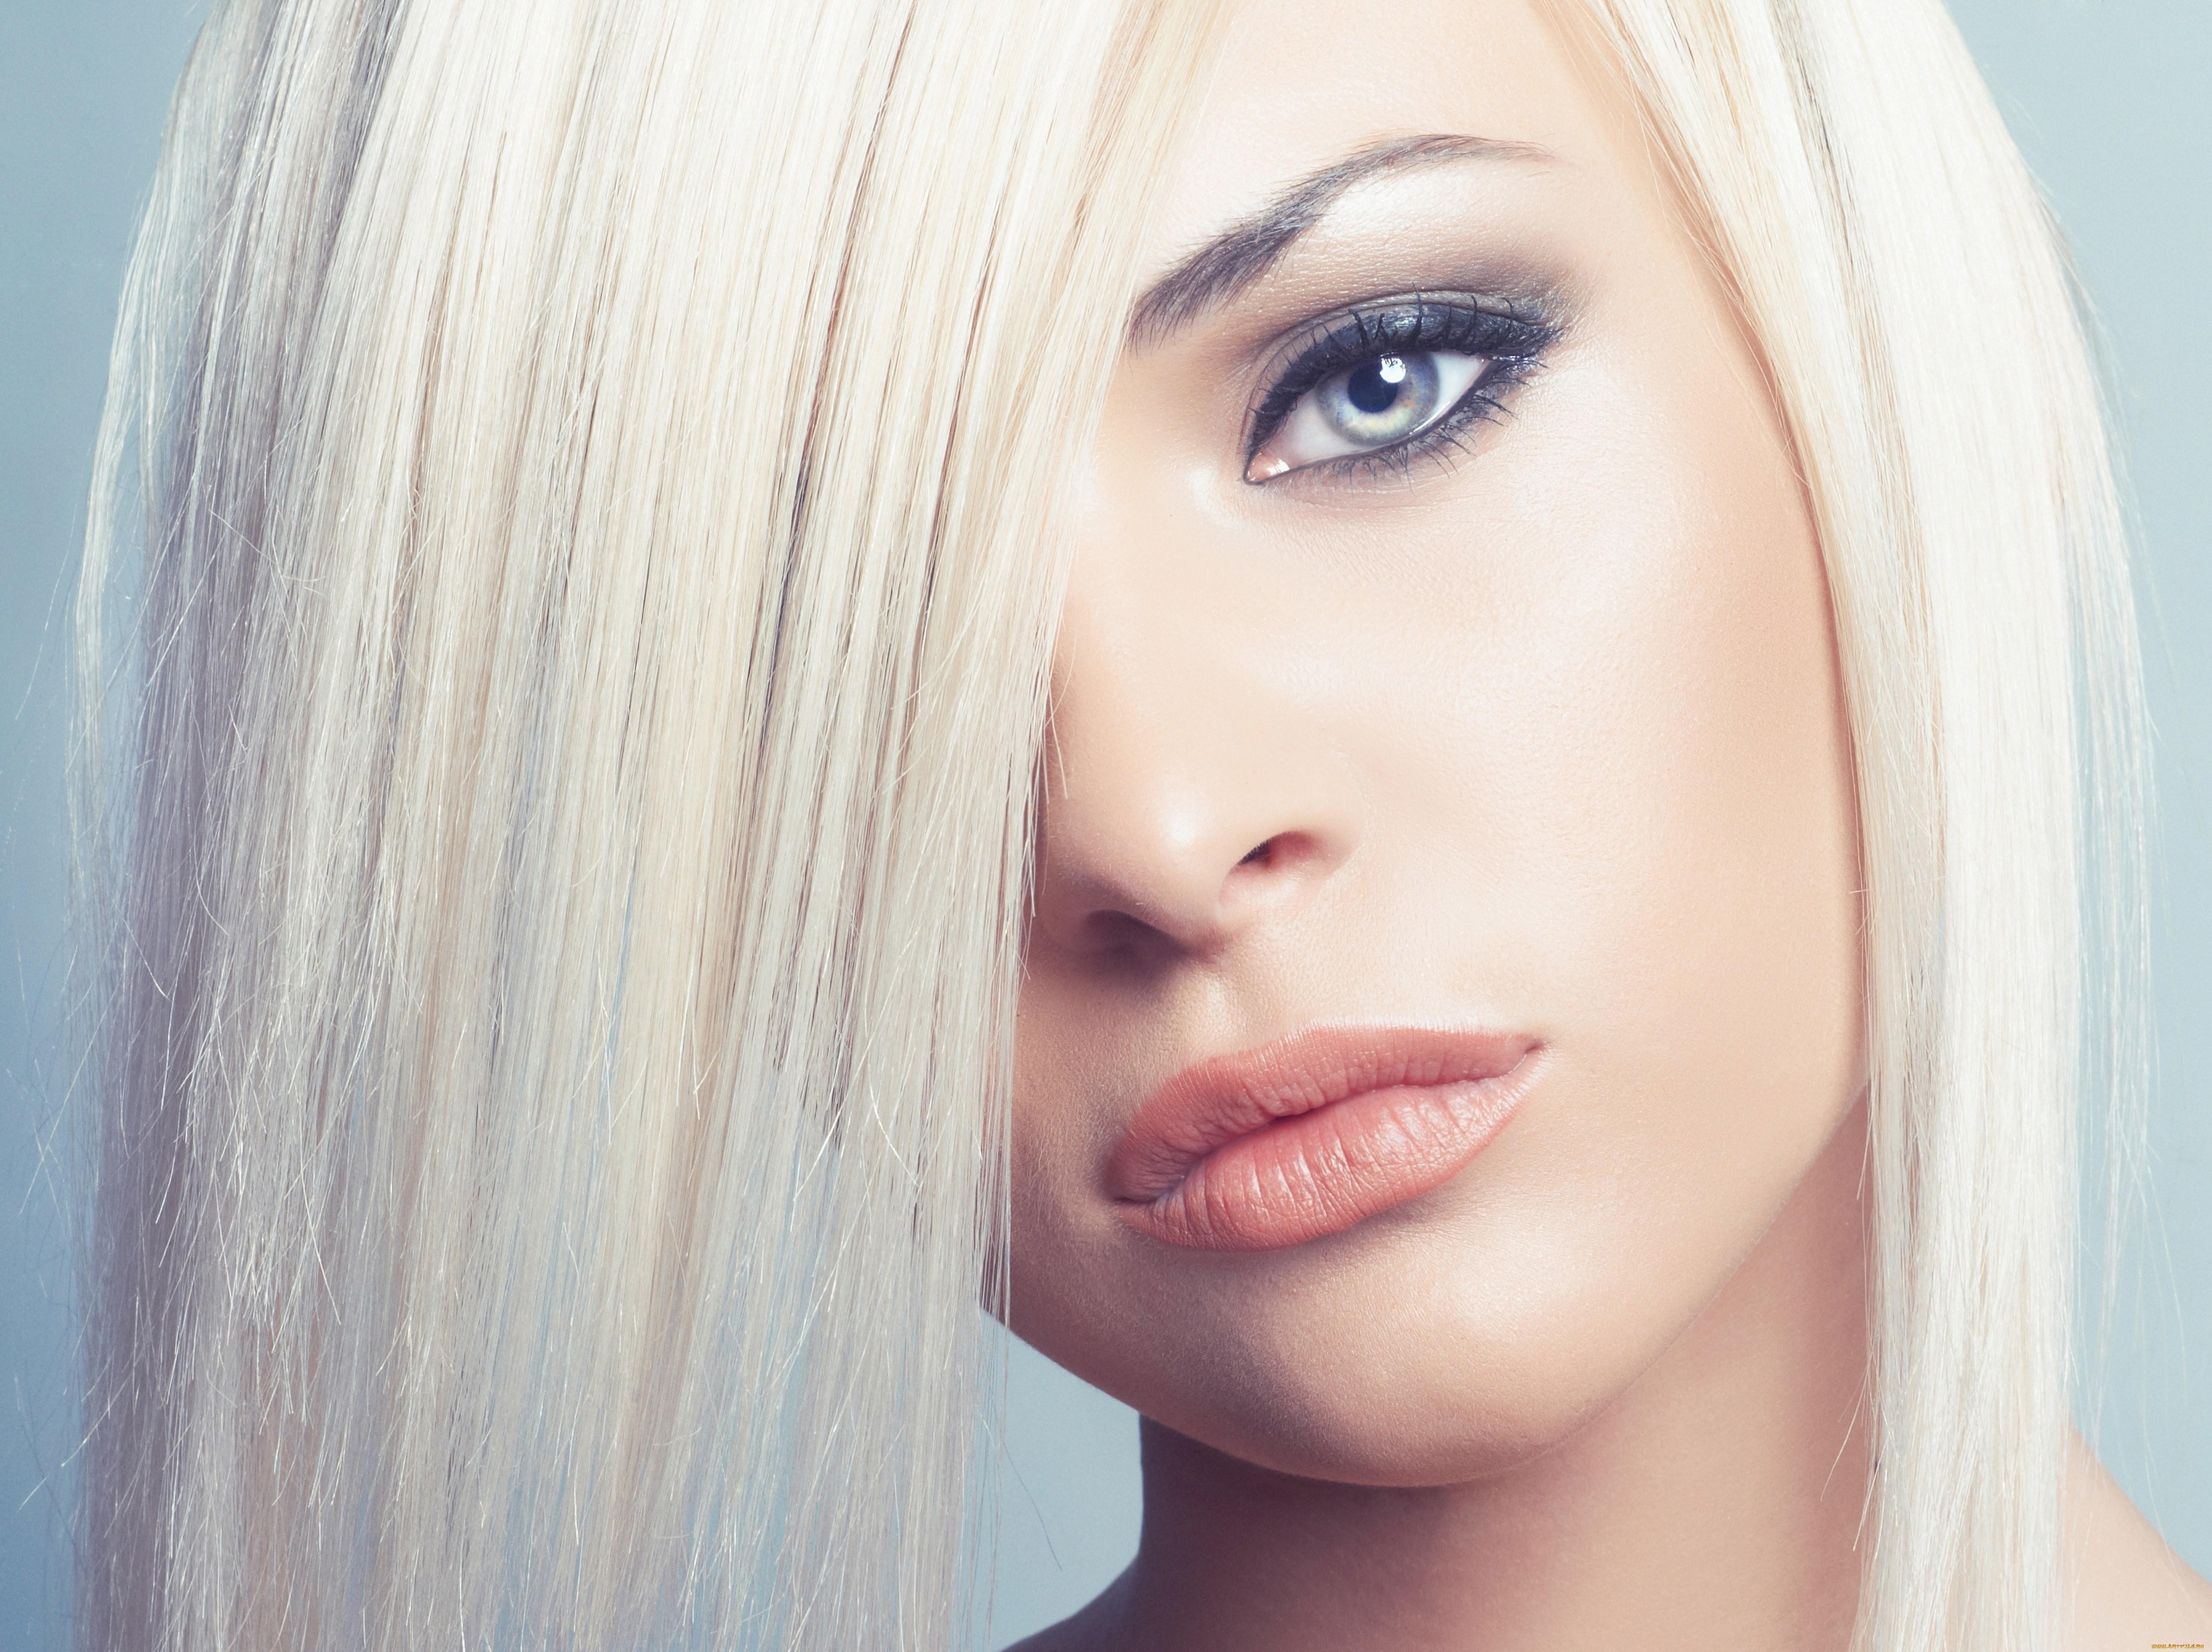 Wallpaper : face, women, model, portrait, eyes, long hair ...